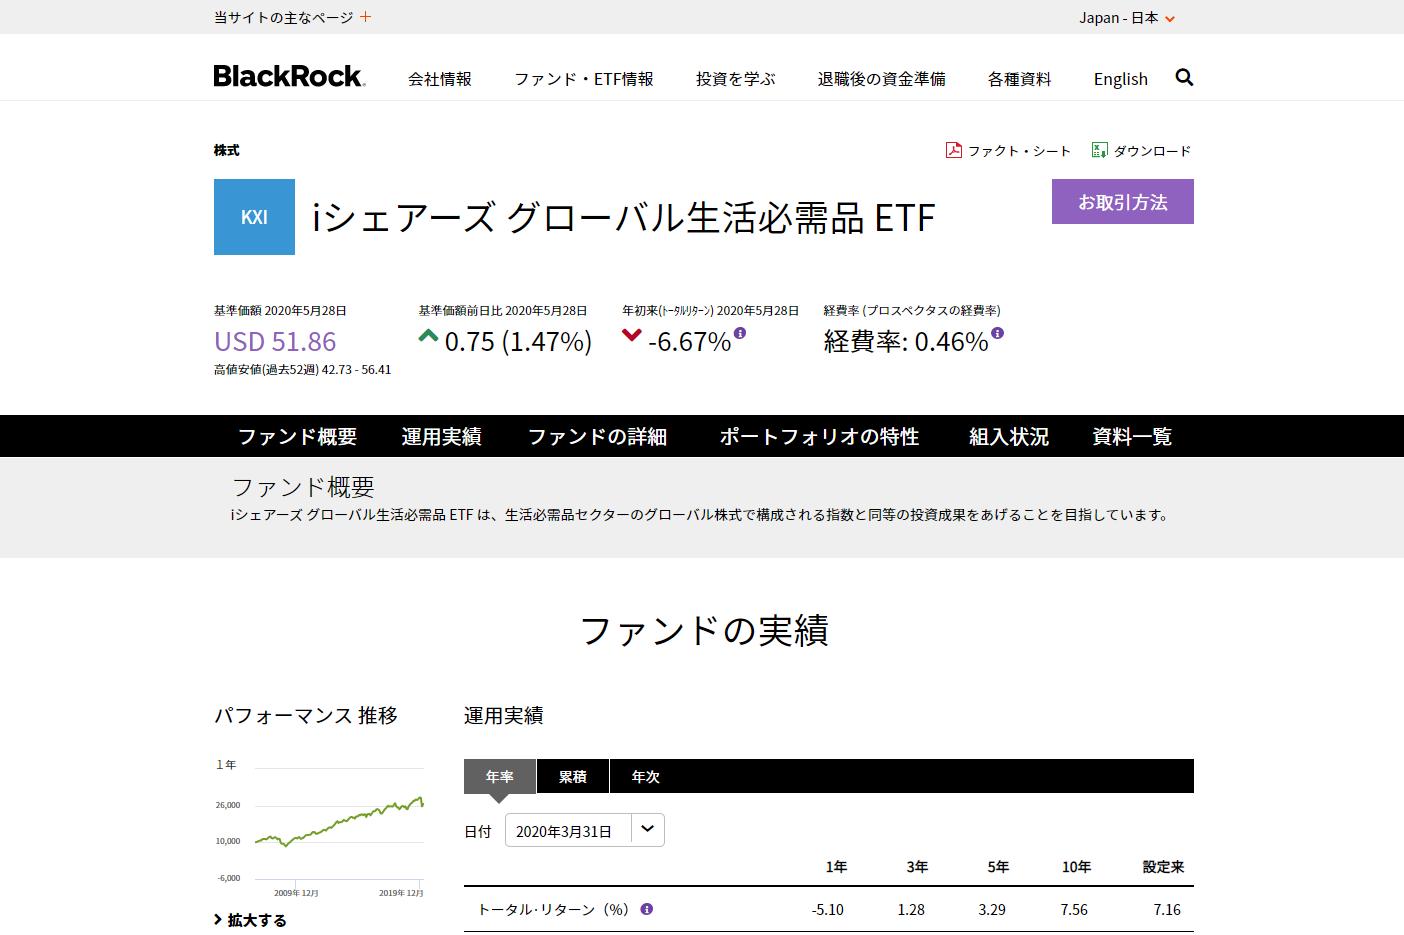 2. ブラックロック iシェアーズ グローバル生活必需品 ETF(KXI)